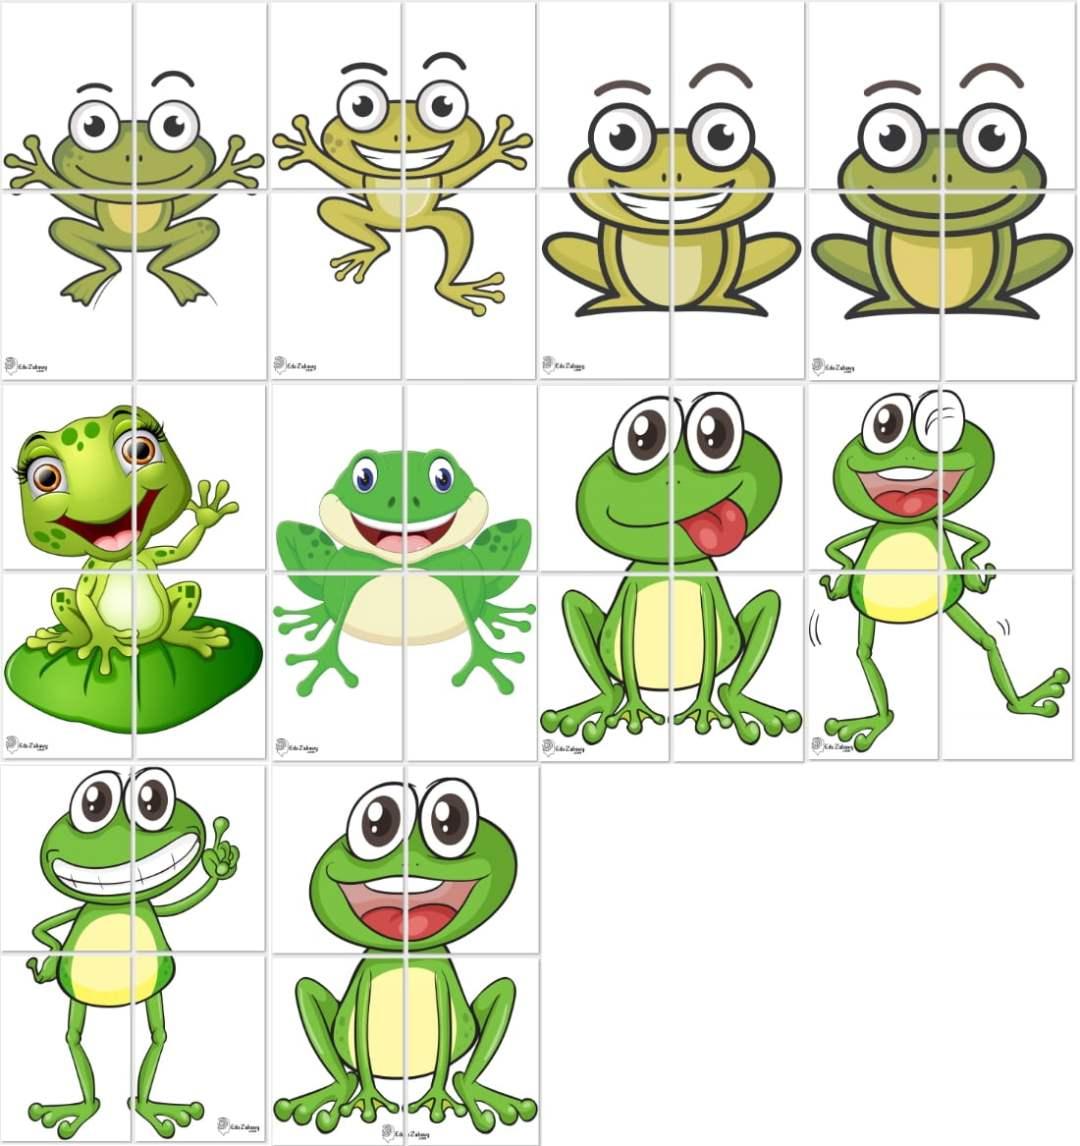 Dekoracje XXL: żaby (10 szablonów) Dekoracje Dekoracje (Dzień Wody) Dekoracje (Dzień Zwierząt) Dekoracje (Wiosna) Dekoracje XXL (Pożegnanie przedszkola) Dekoracje XXL (Zakończenie roku)